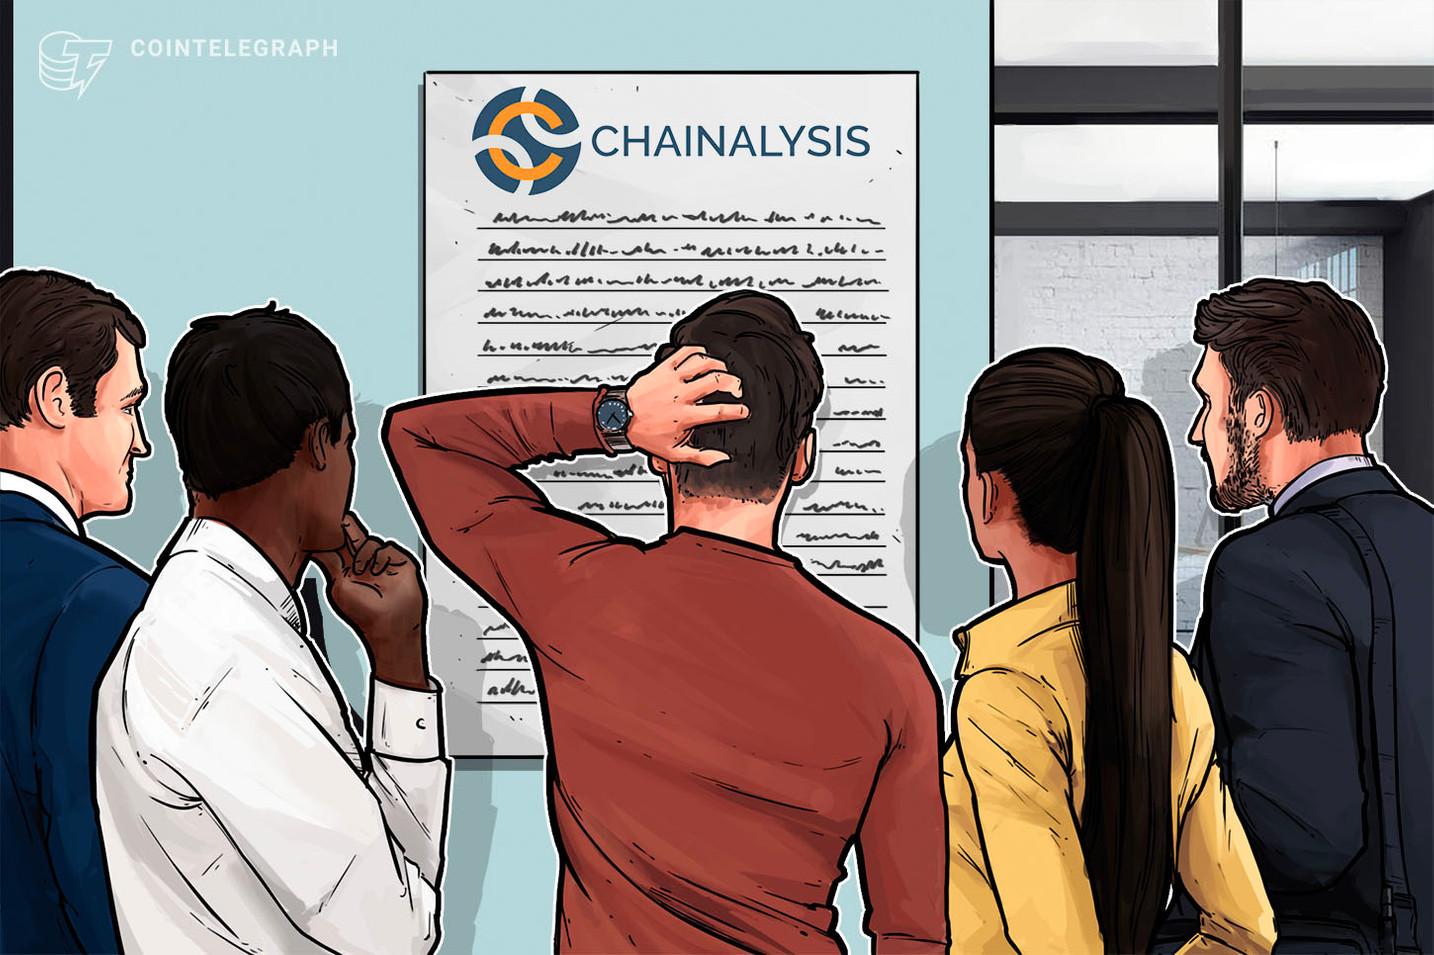 Chainalysis: licenziati 39 dipendenti per incrementare i margini di profitto